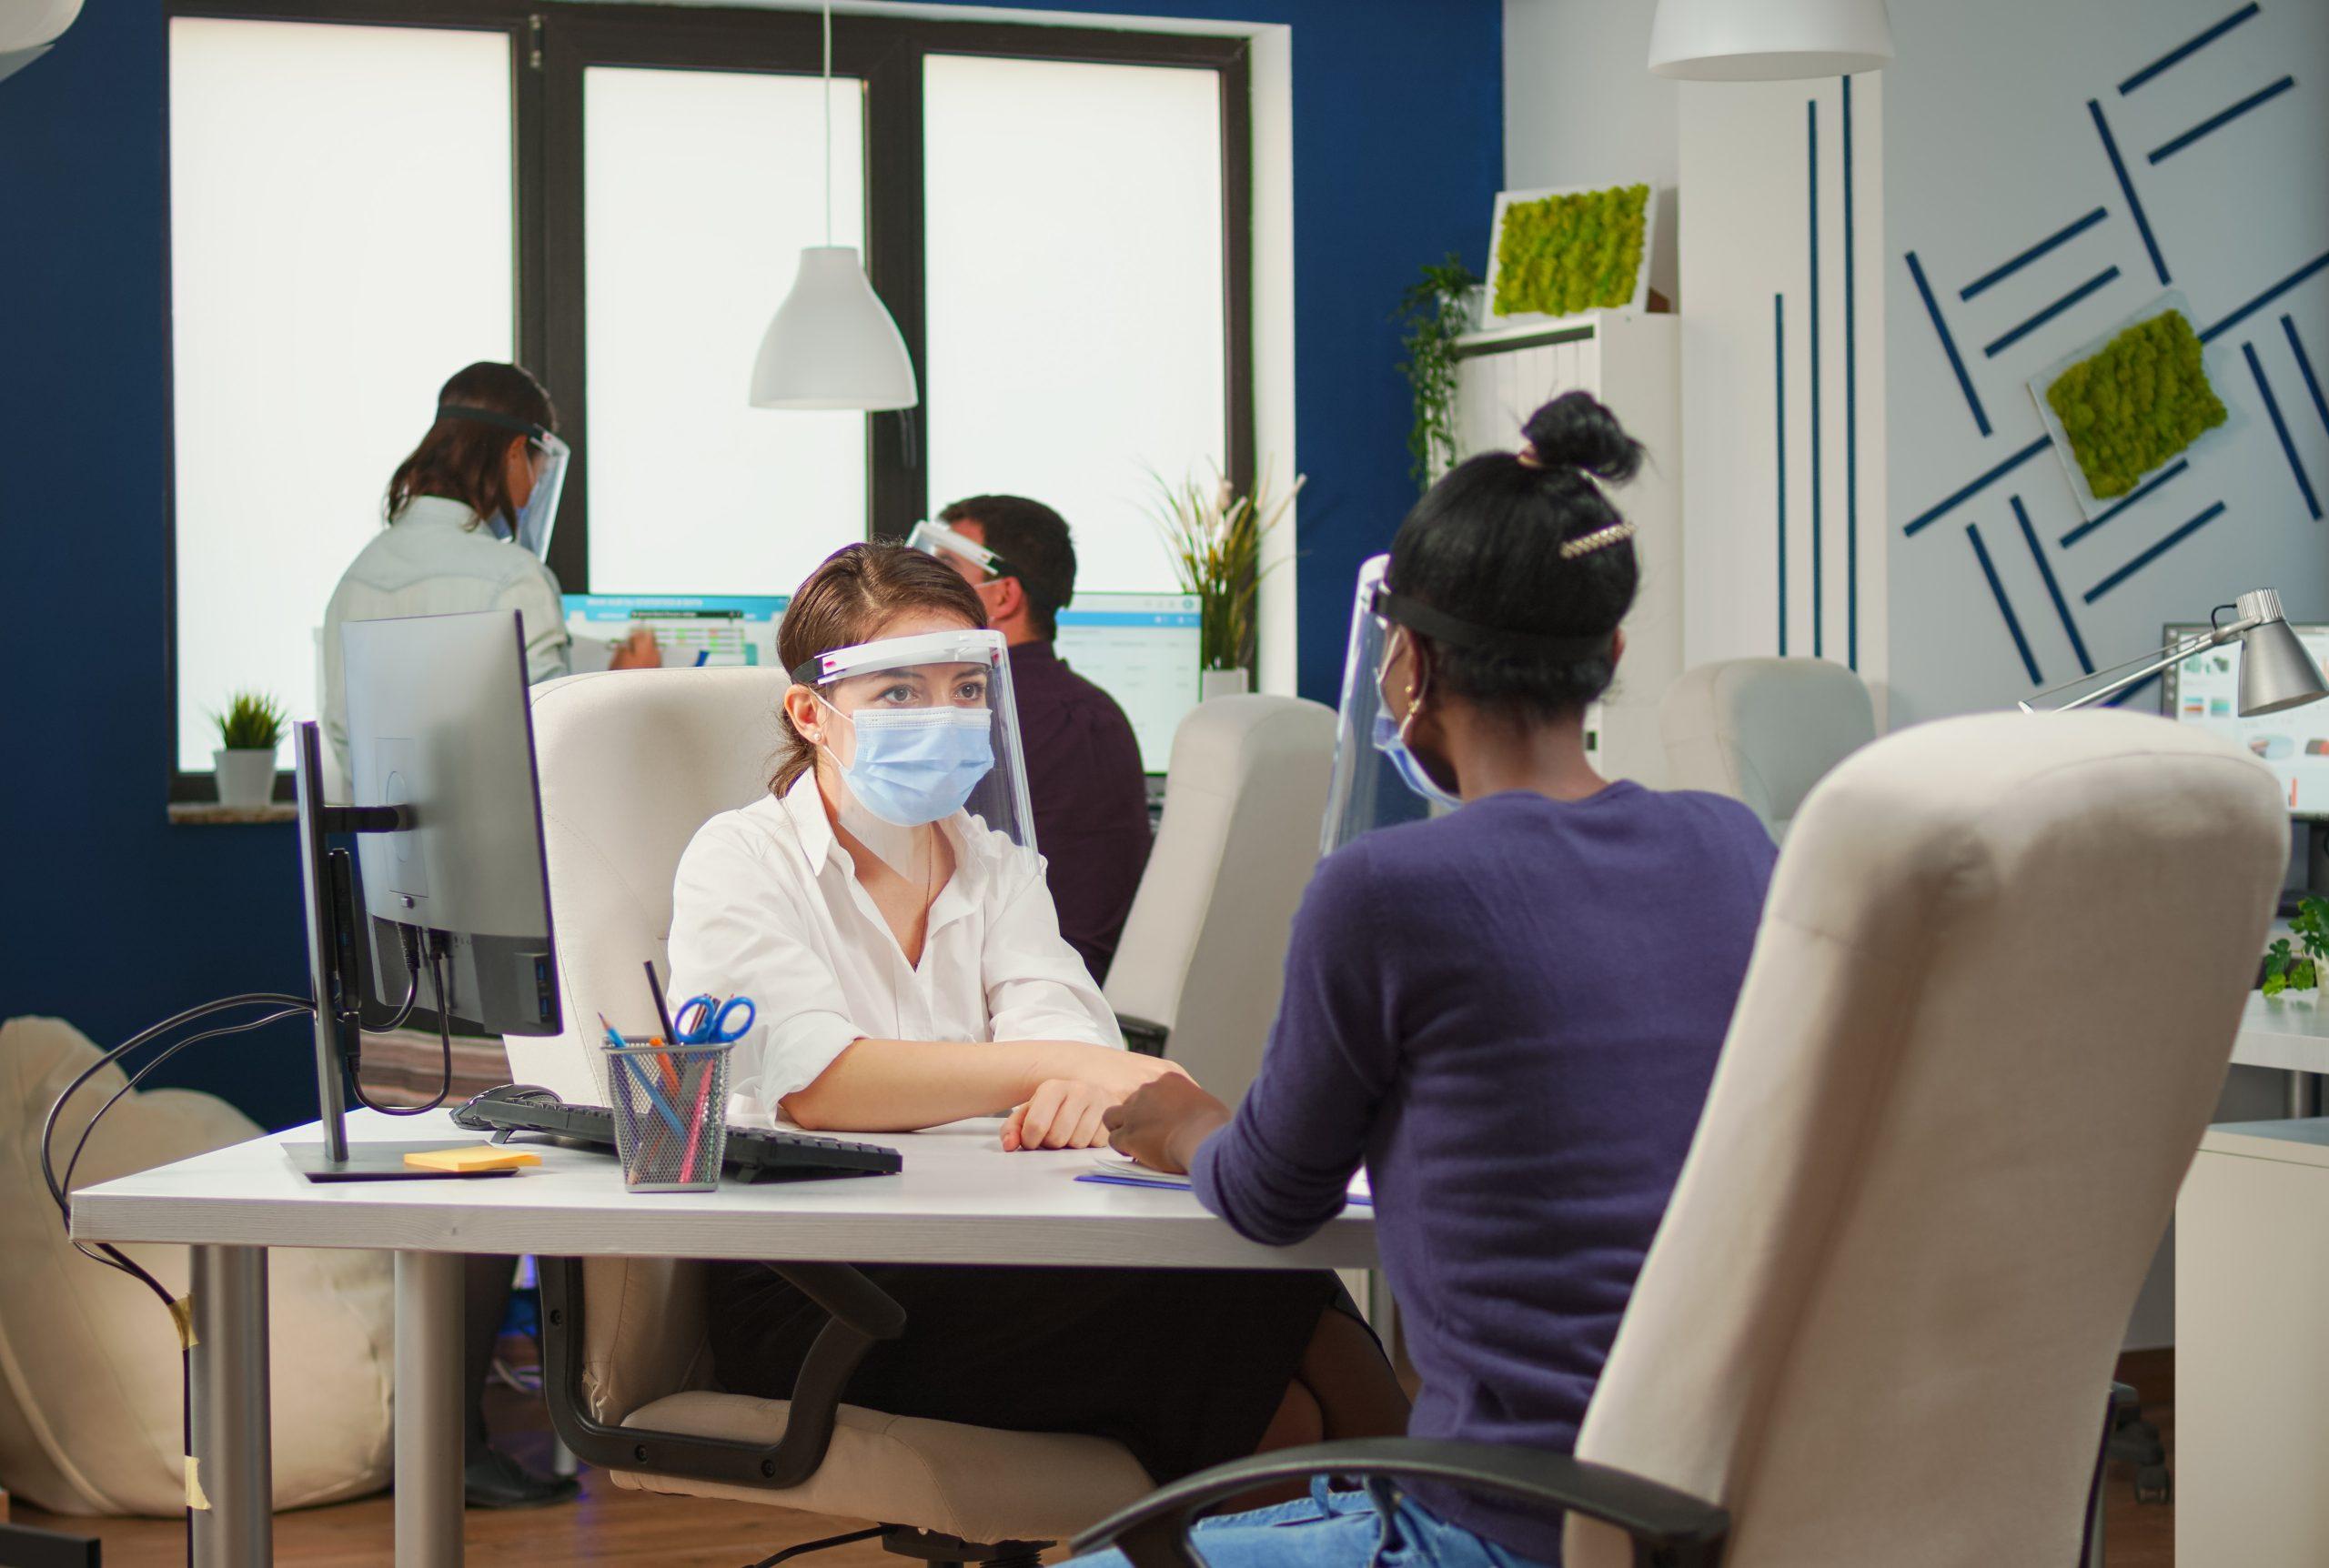 atendente passando informação para cliente em uma clínica médica